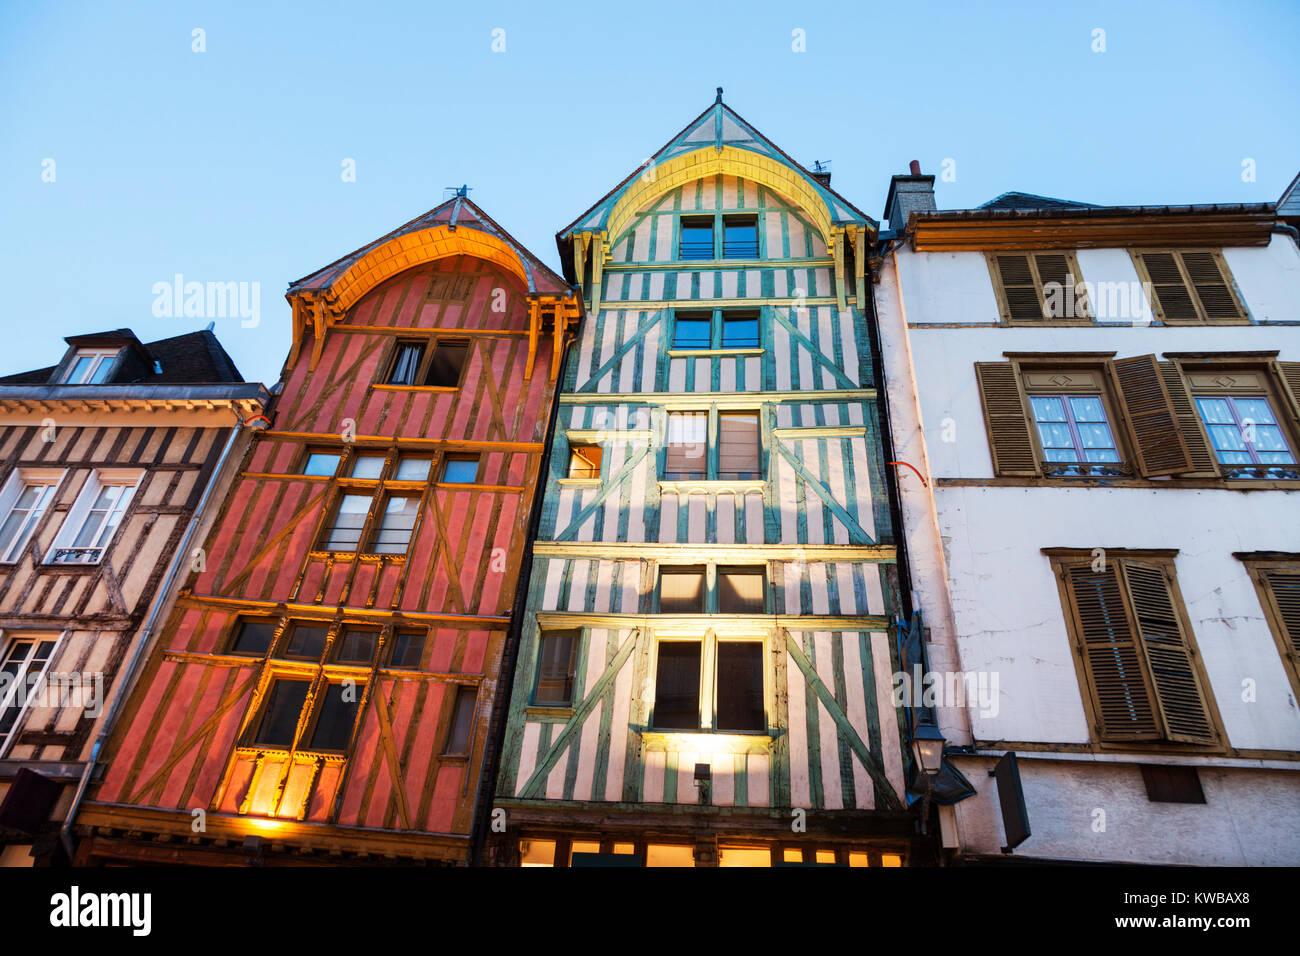 Architettura antica di Troyes di notte. Troyes, Grand Est, Francia. Immagini Stock